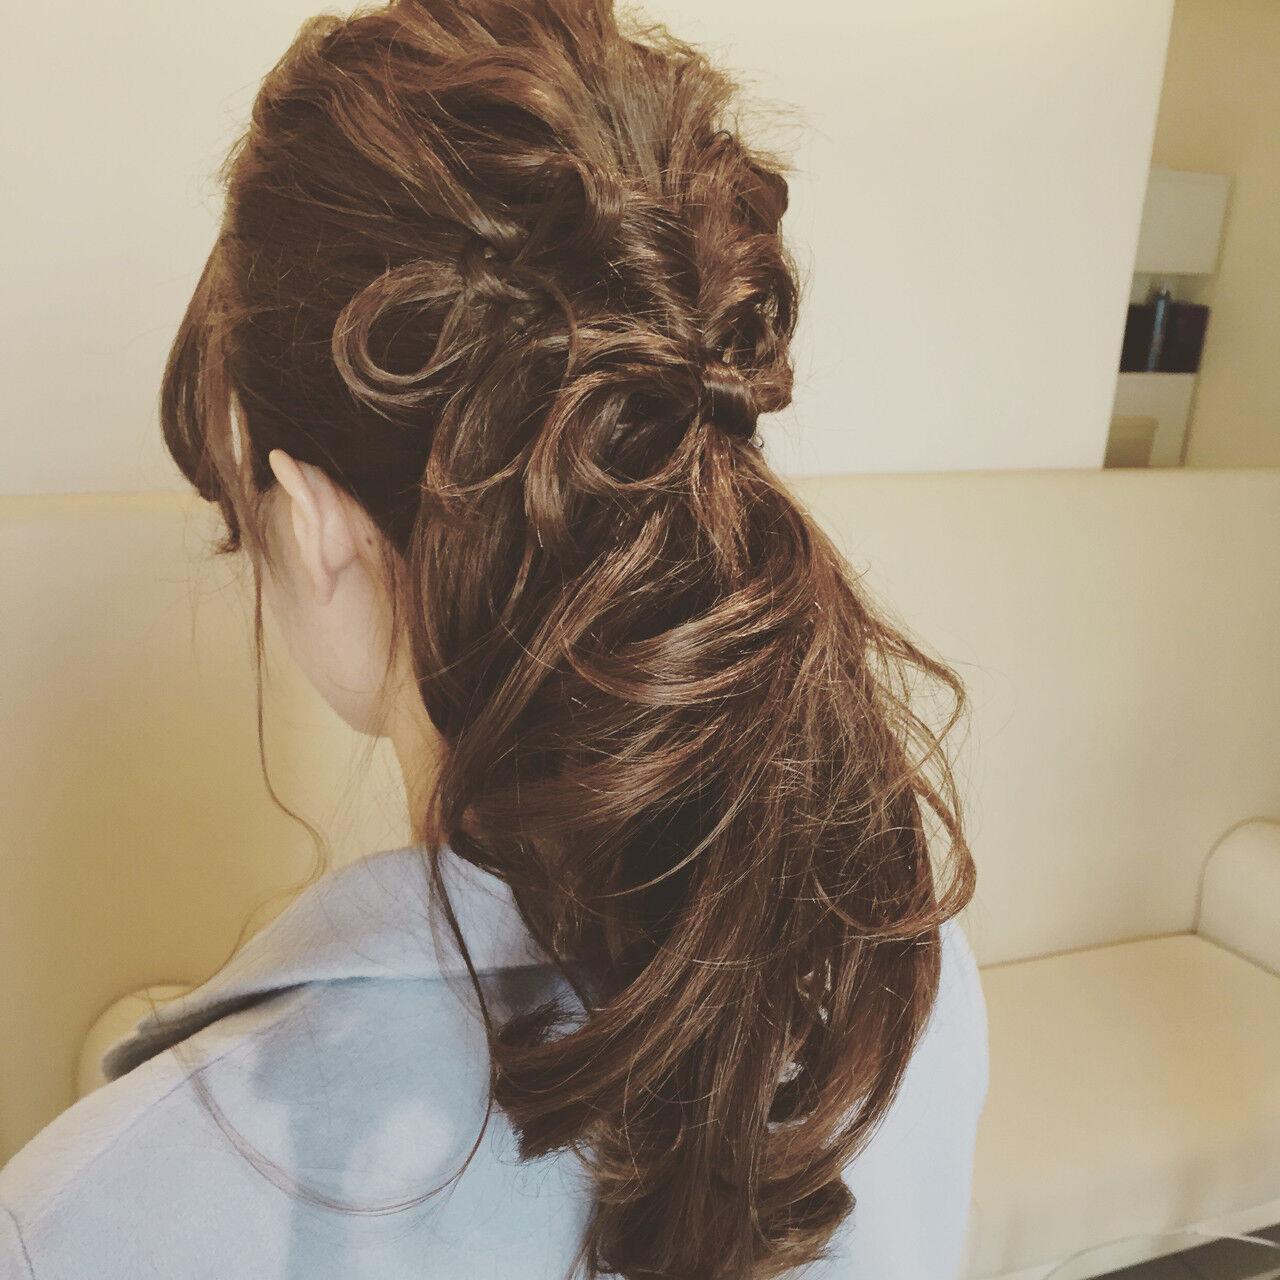 大人女子 ヘアアレンジ フェミニン ルーズヘアスタイルや髪型の写真・画像